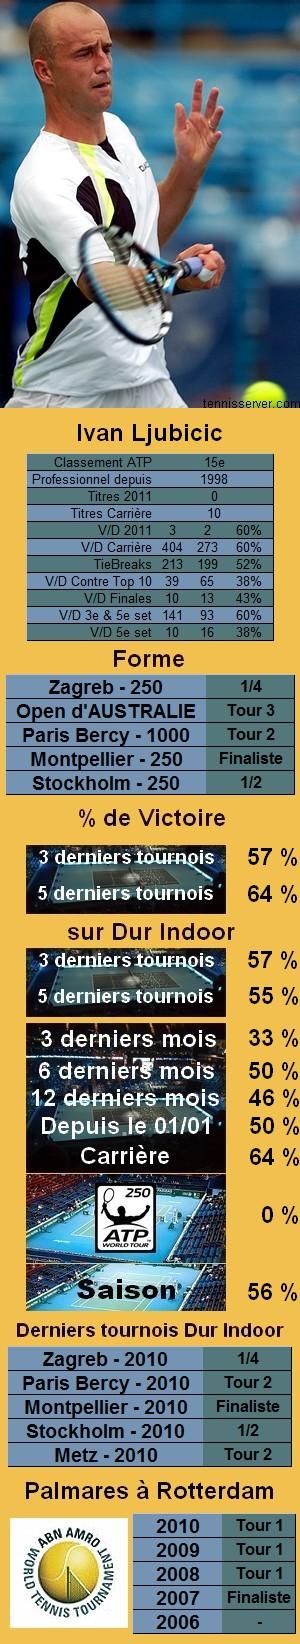 Statistiques tennis Ivan Ljubicic